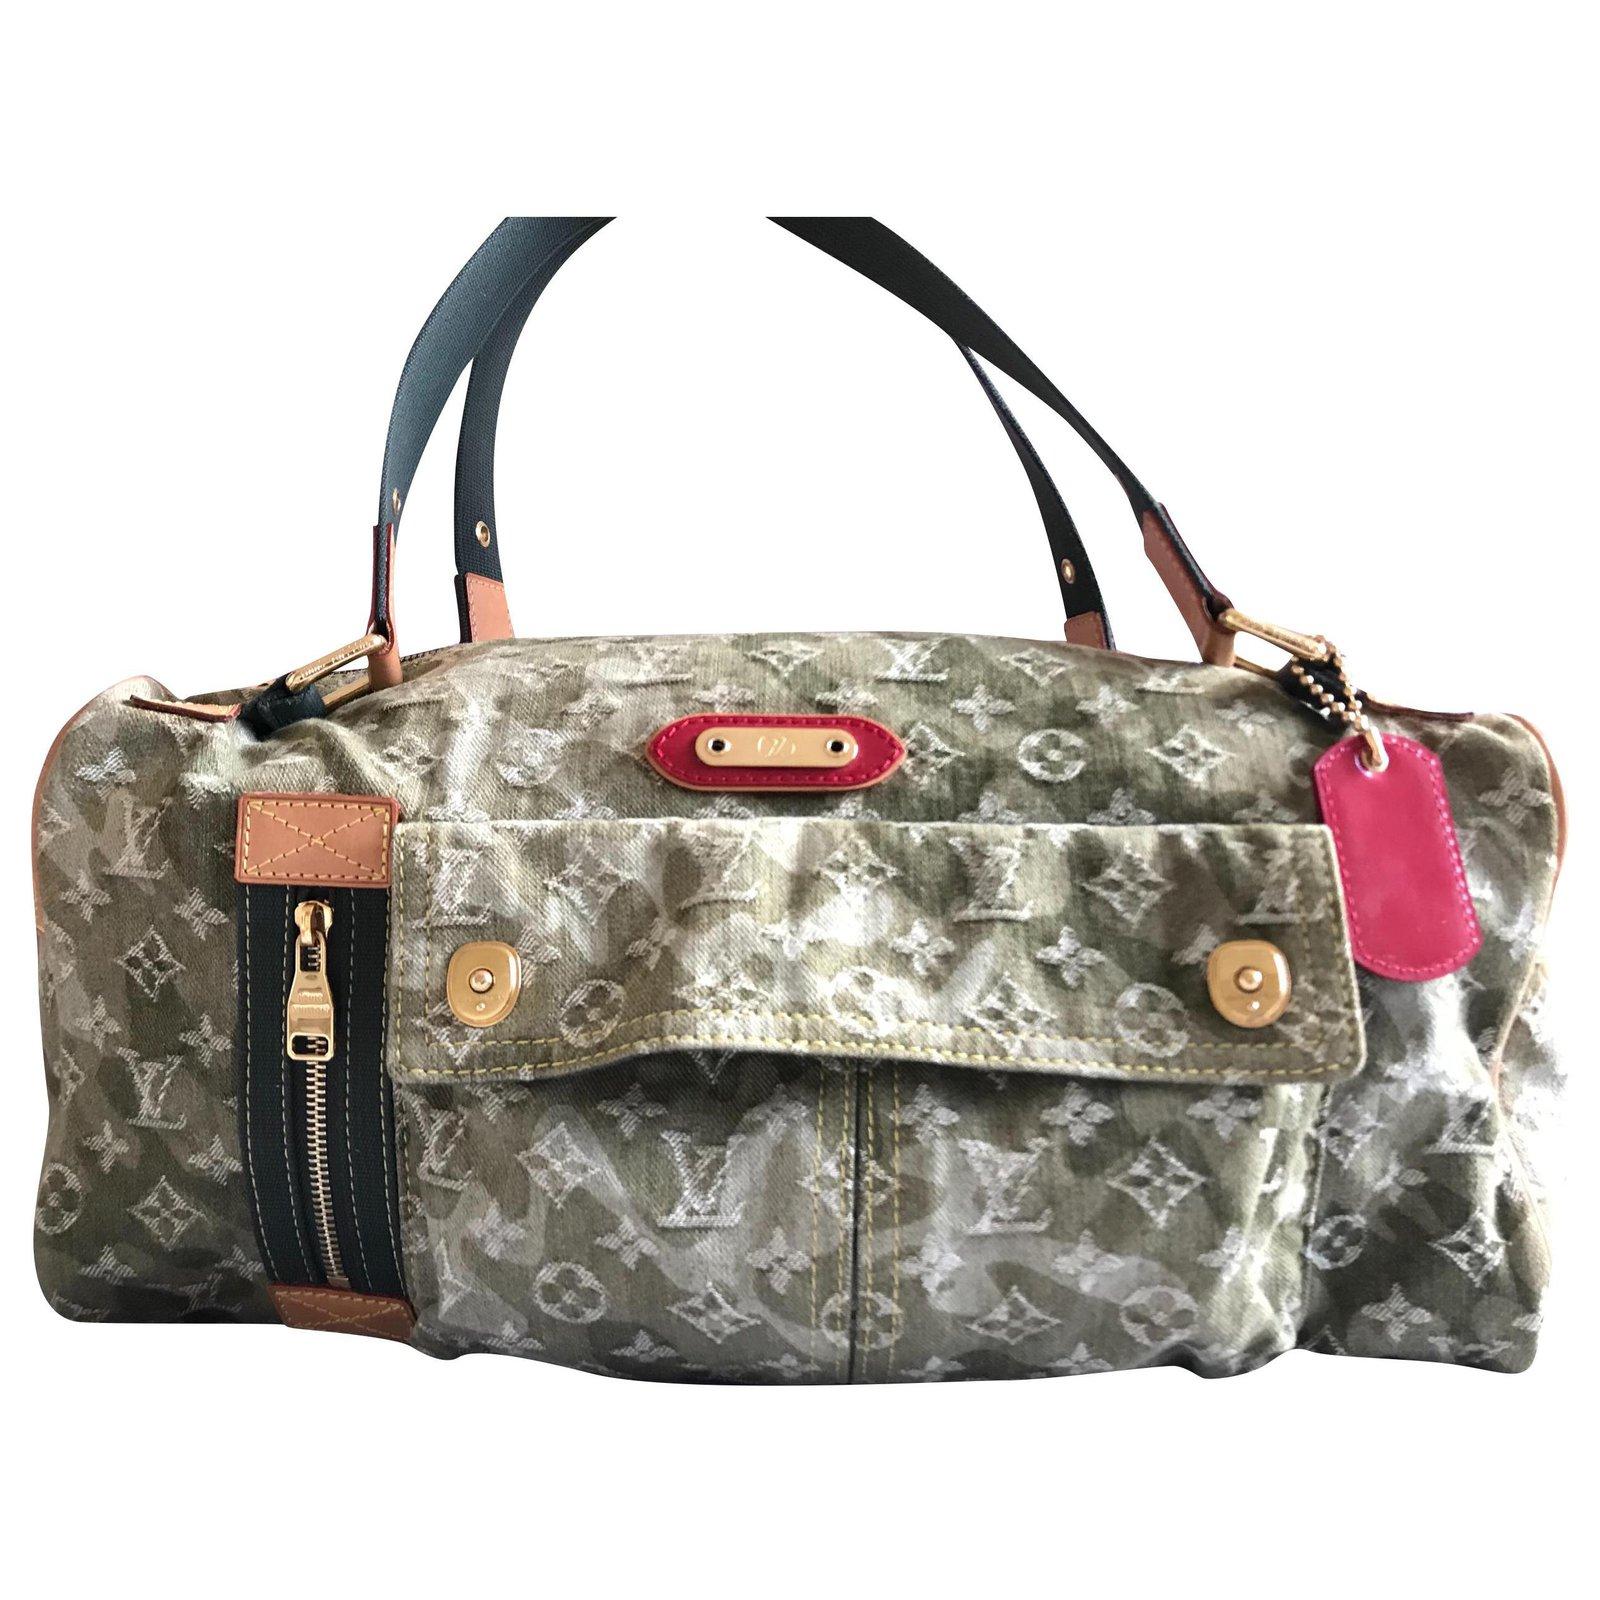 Preis vergleichen Vereinigte Staaten neueste Kollektion Louis Vuitton Mini Boston Tasche / Umhängetasche